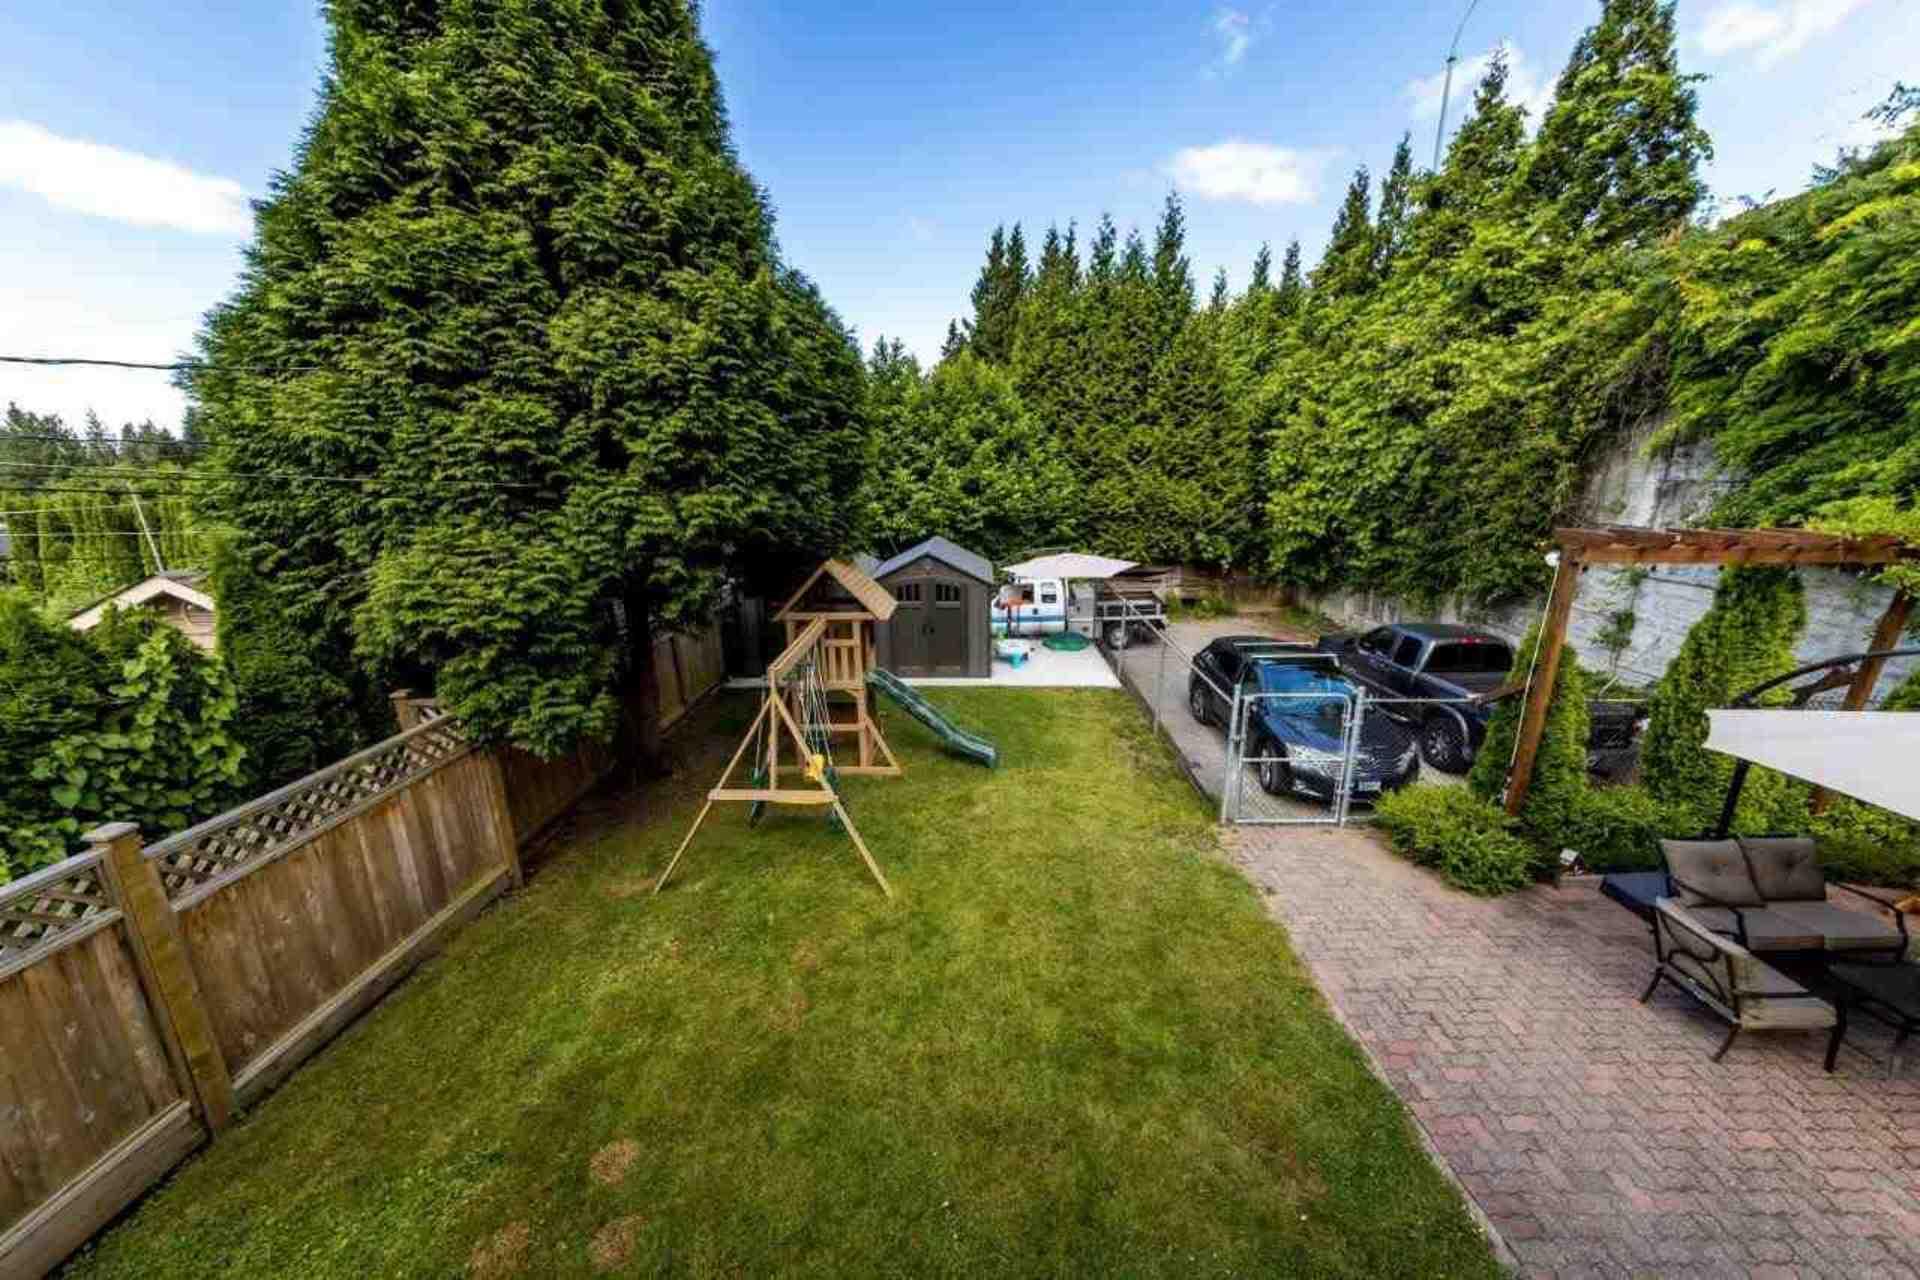 2421-jones-avenue-central-lonsdale-north-vancouver-20 at 2421 Jones Avenue, Central Lonsdale, North Vancouver